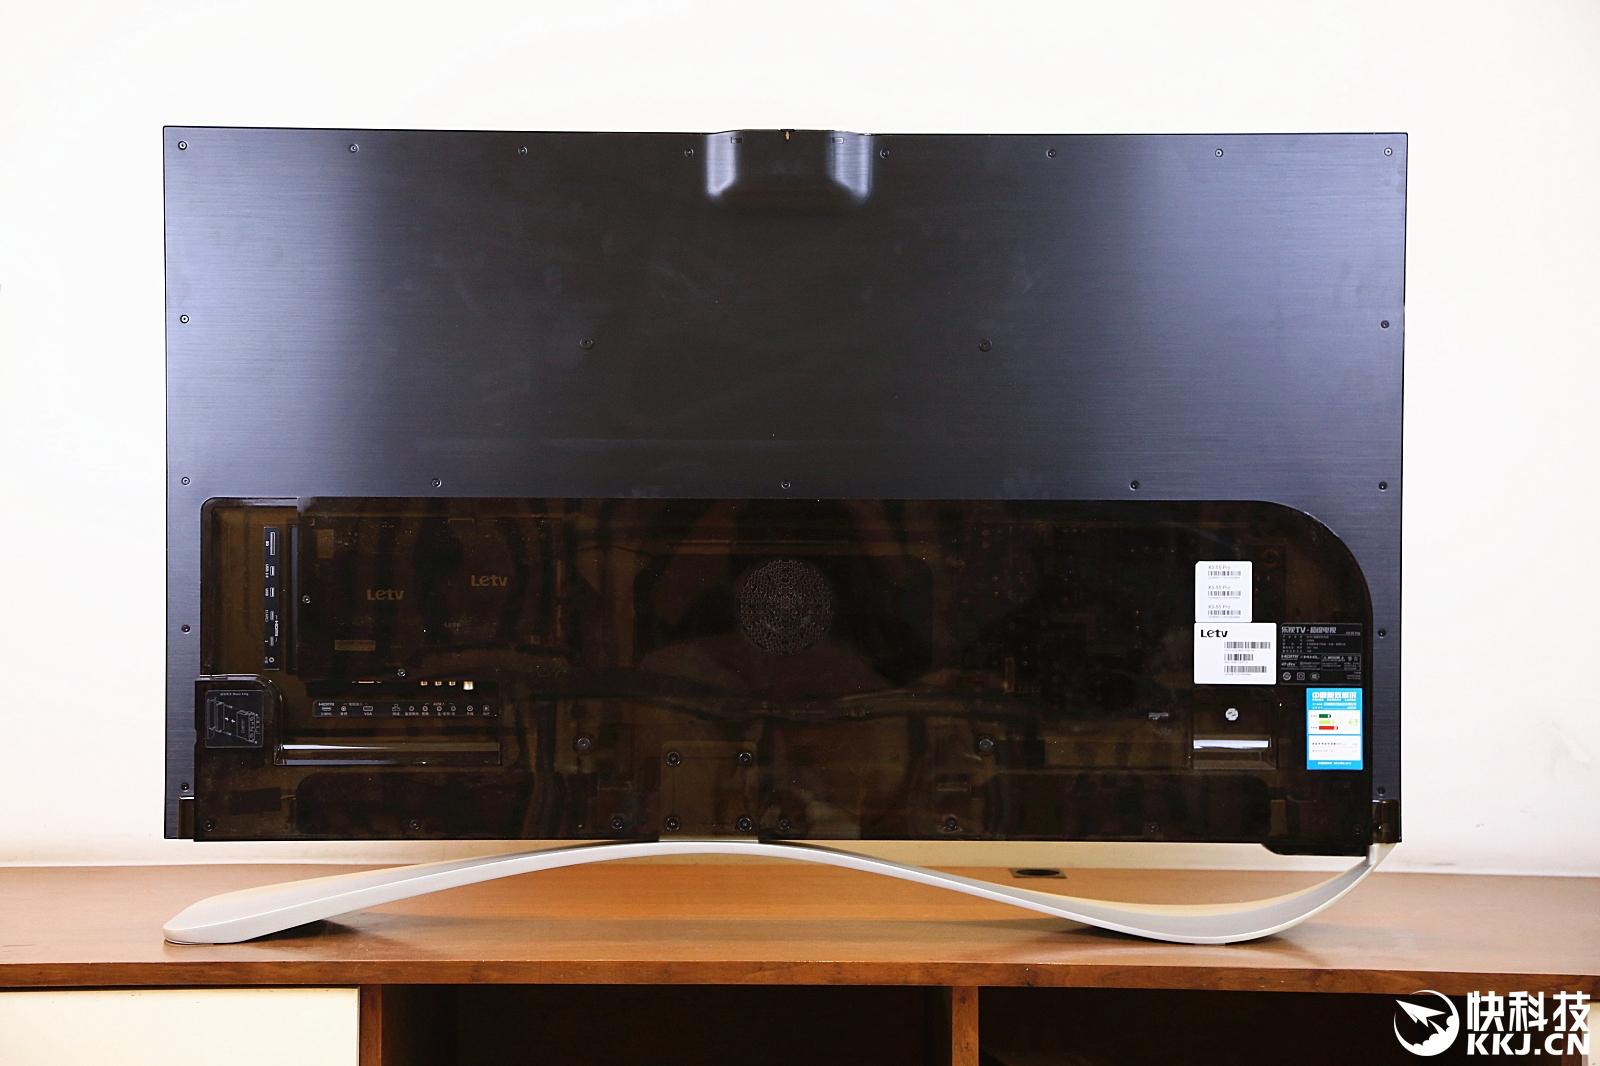 樂視電視底座安裝示意圖